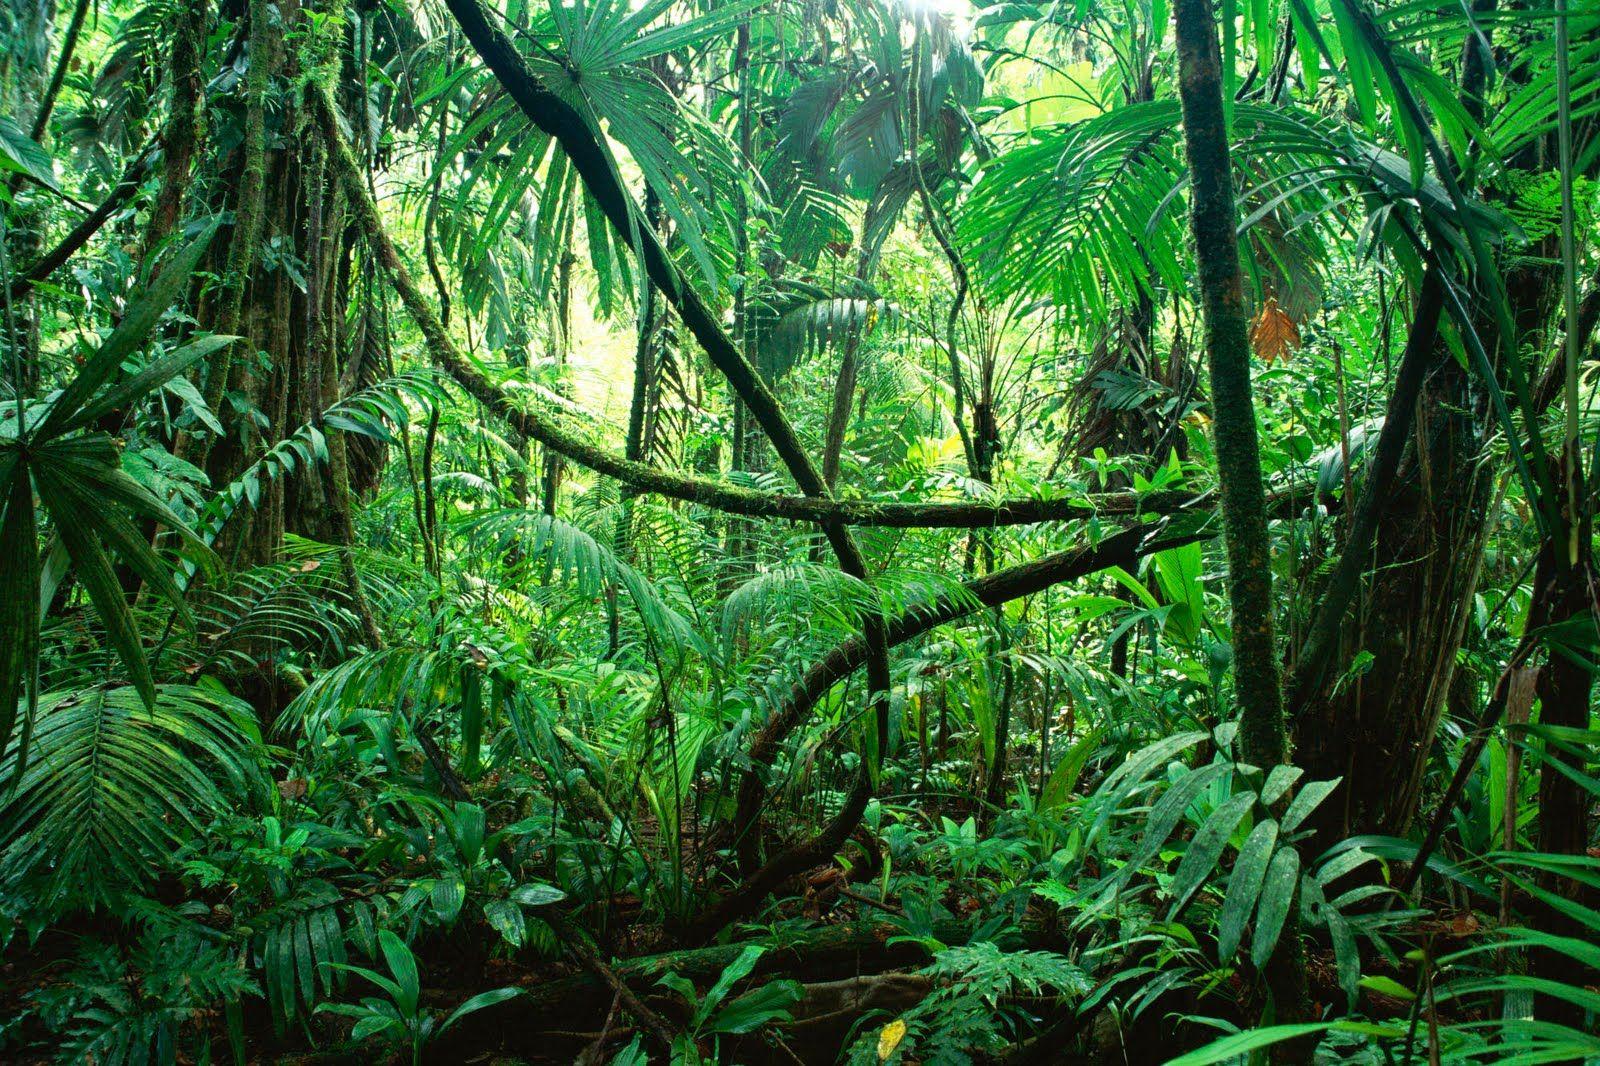 Rainforest Amazon Forest Jungle Sounds Tropical Rainforest